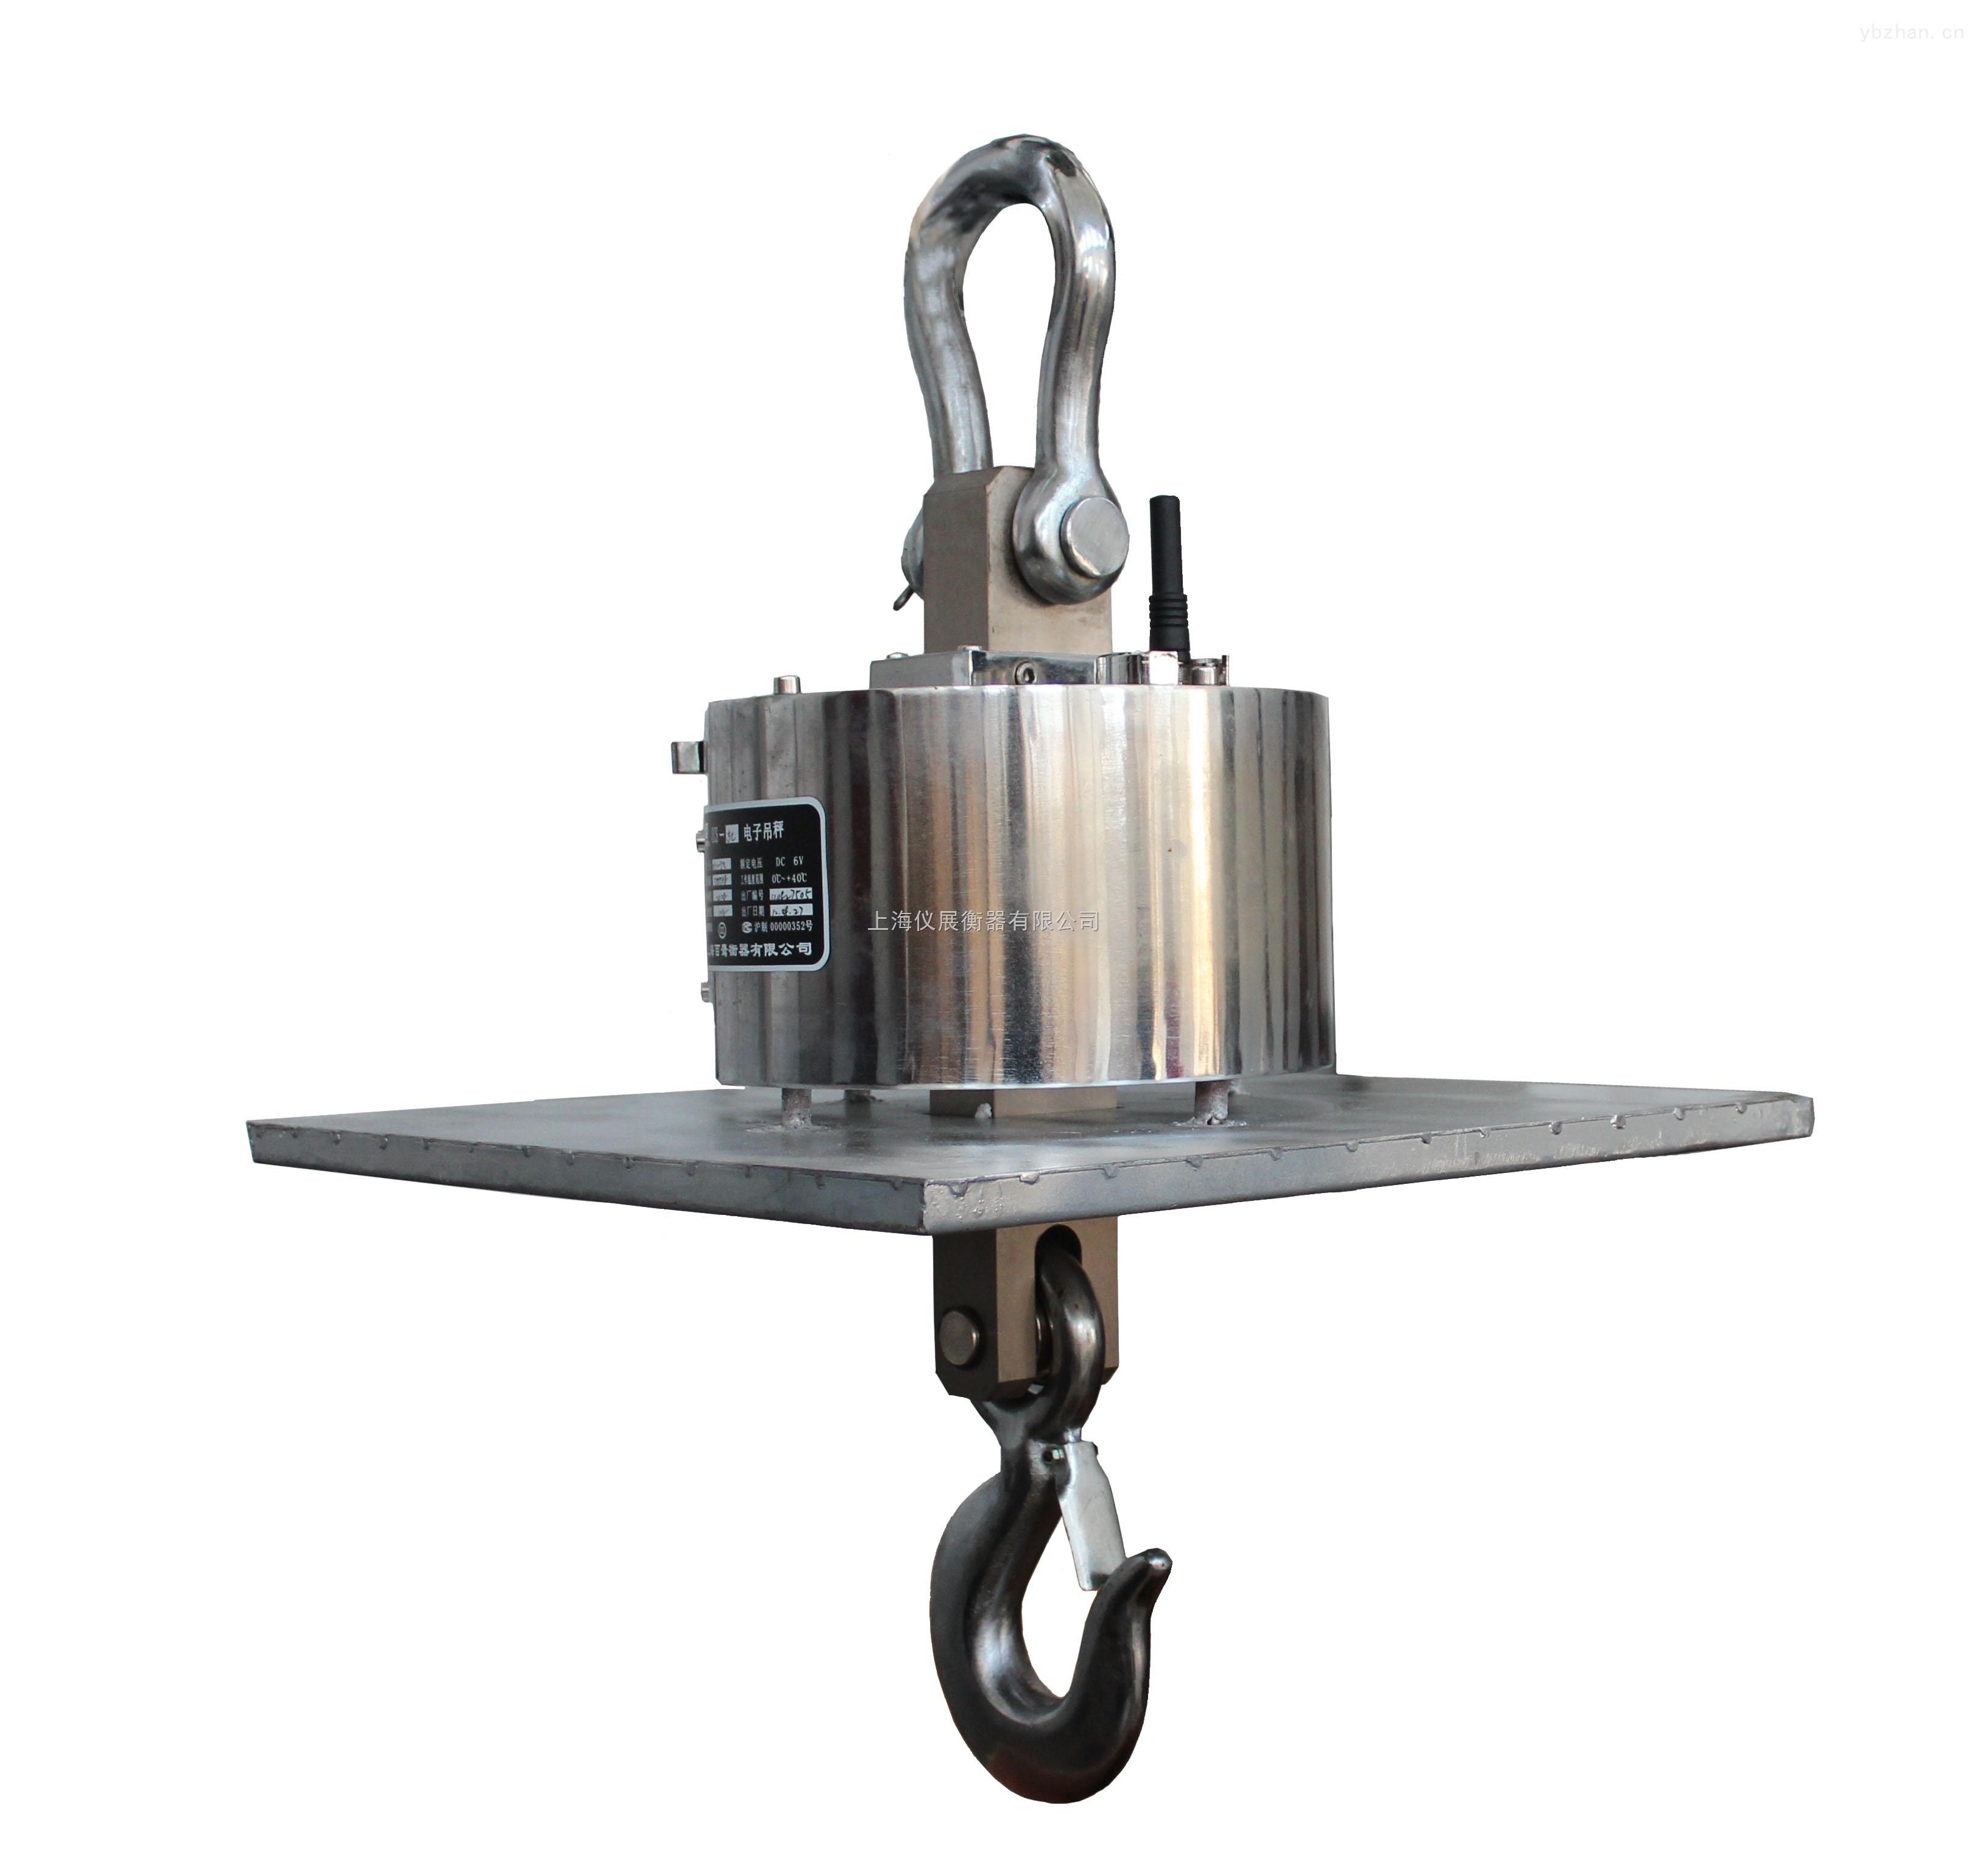 SCS-電子秤/30噸吊秤價格/30噸吊秤參數/30噸吊秤廠家多少錢